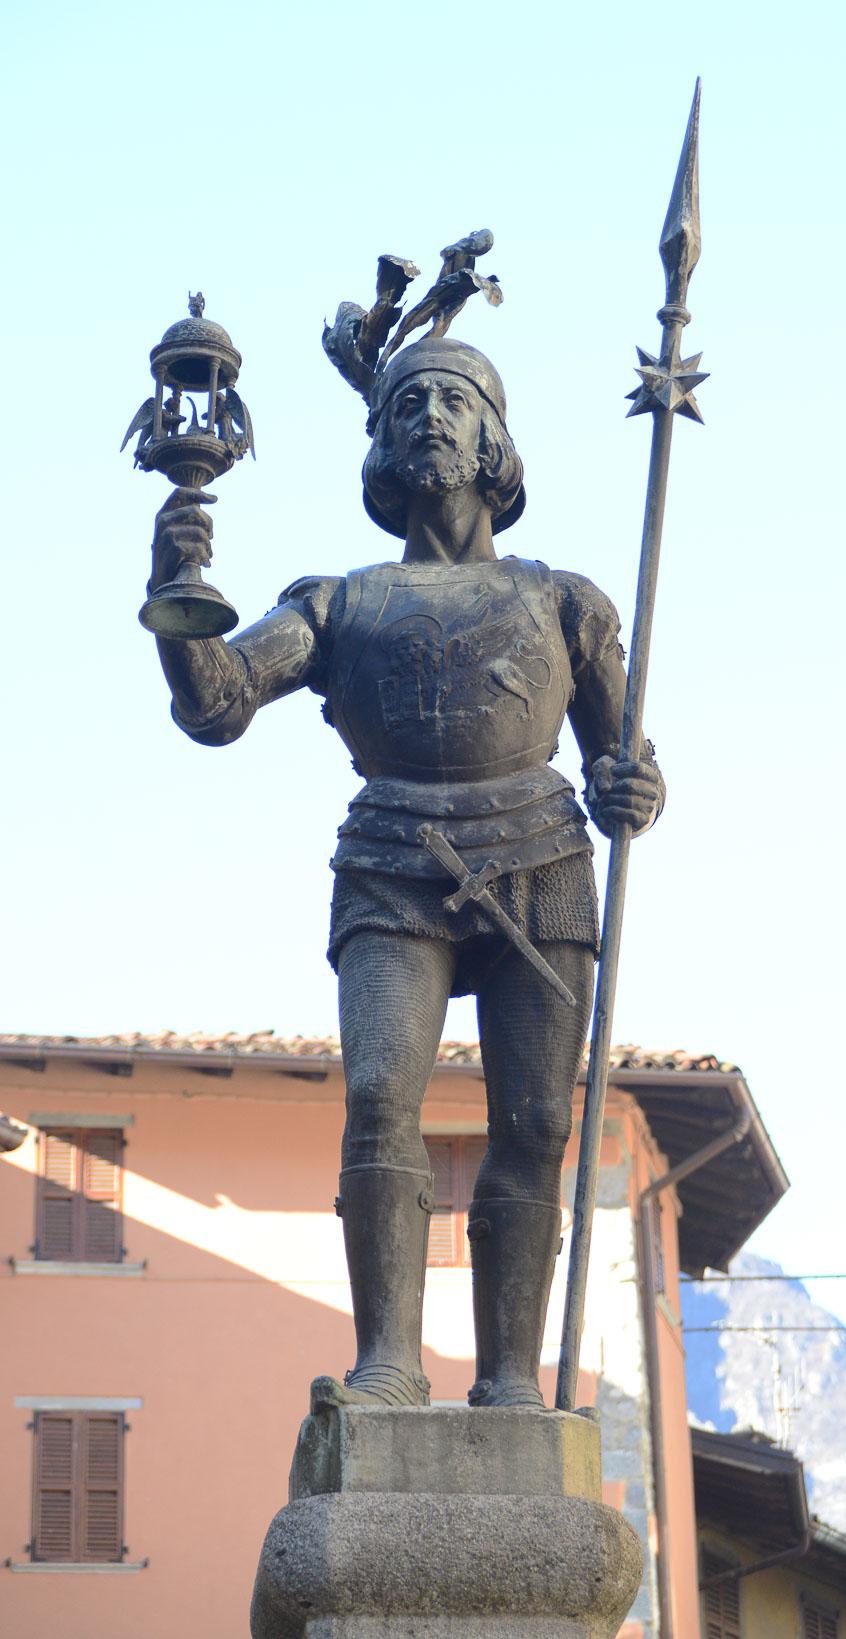 Monumento a Vistallo Zignoni